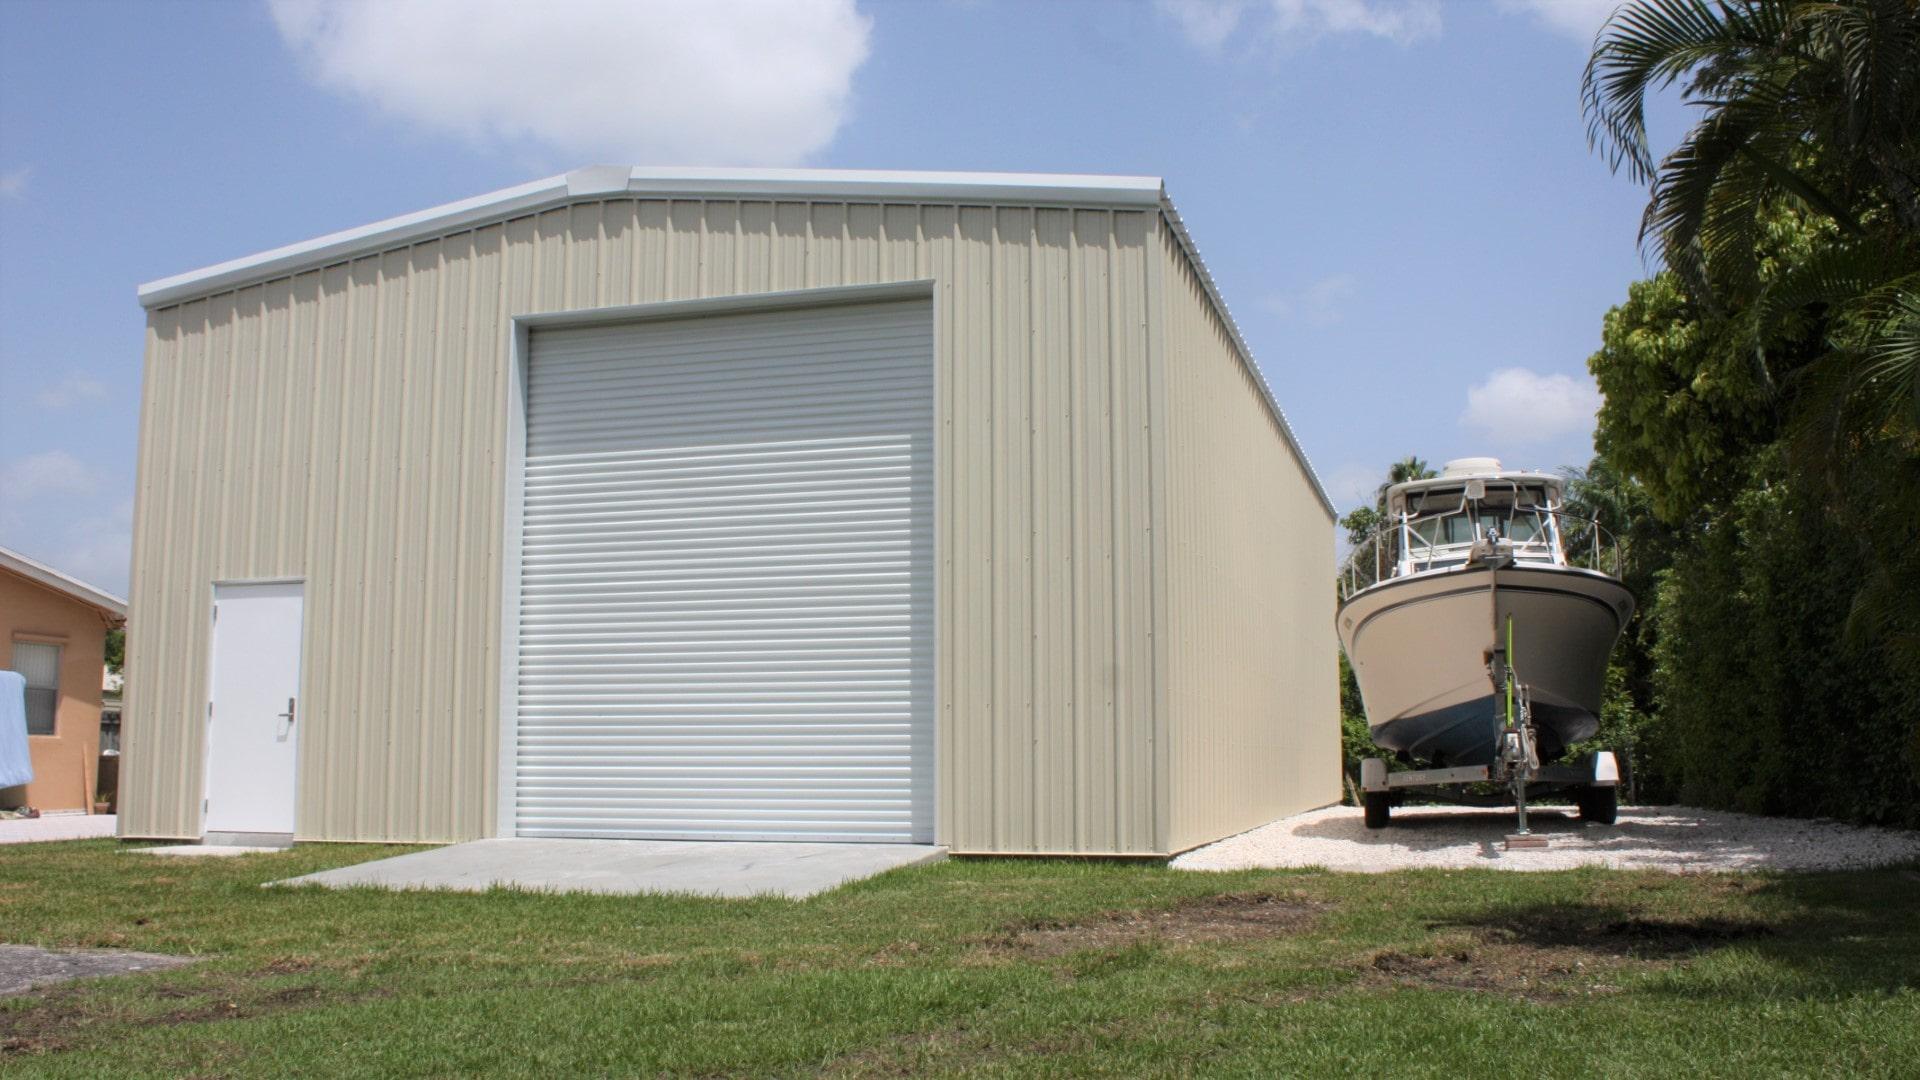 Tan metal building for RV storage with large rollup door and walk door.